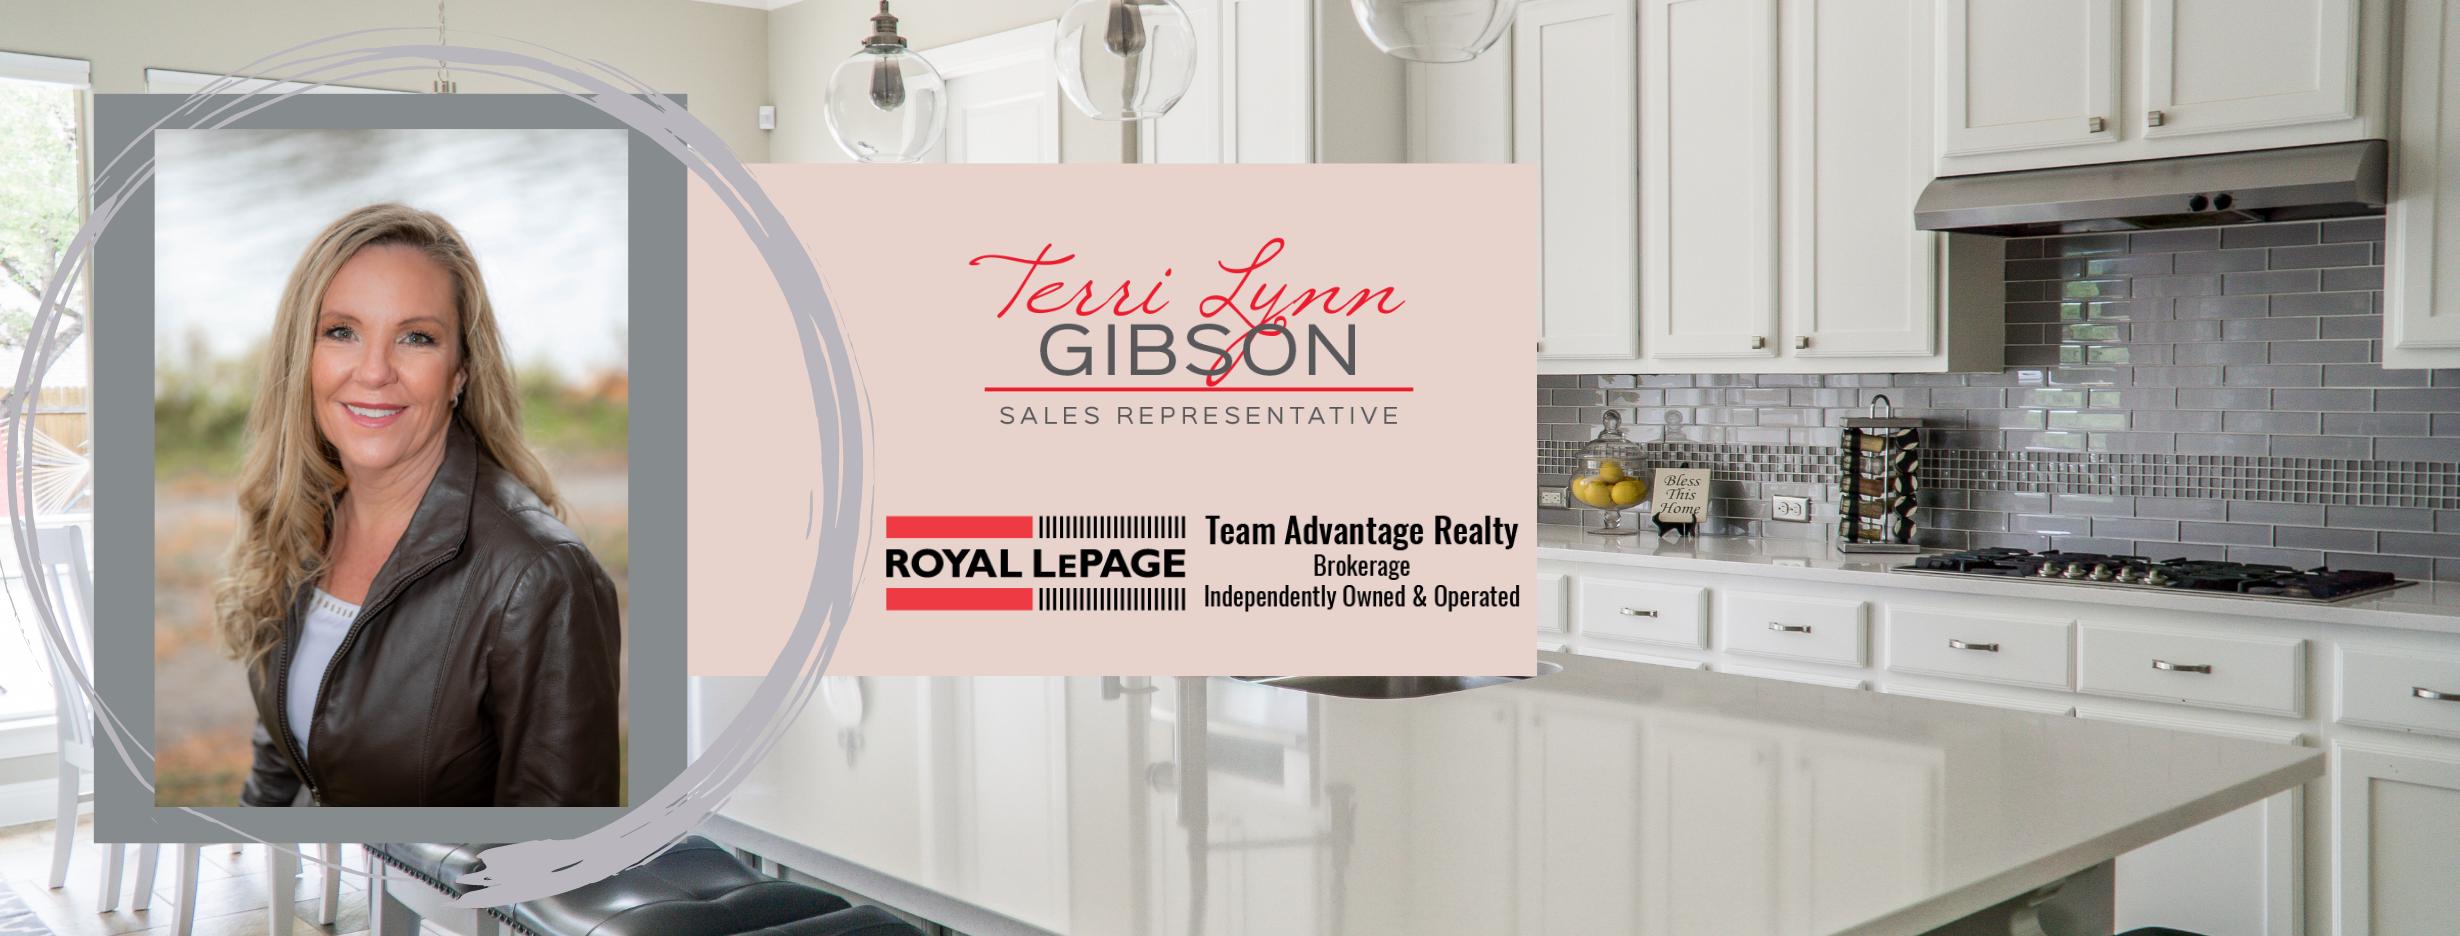 photo of kitchen with terrilynn gibson logo